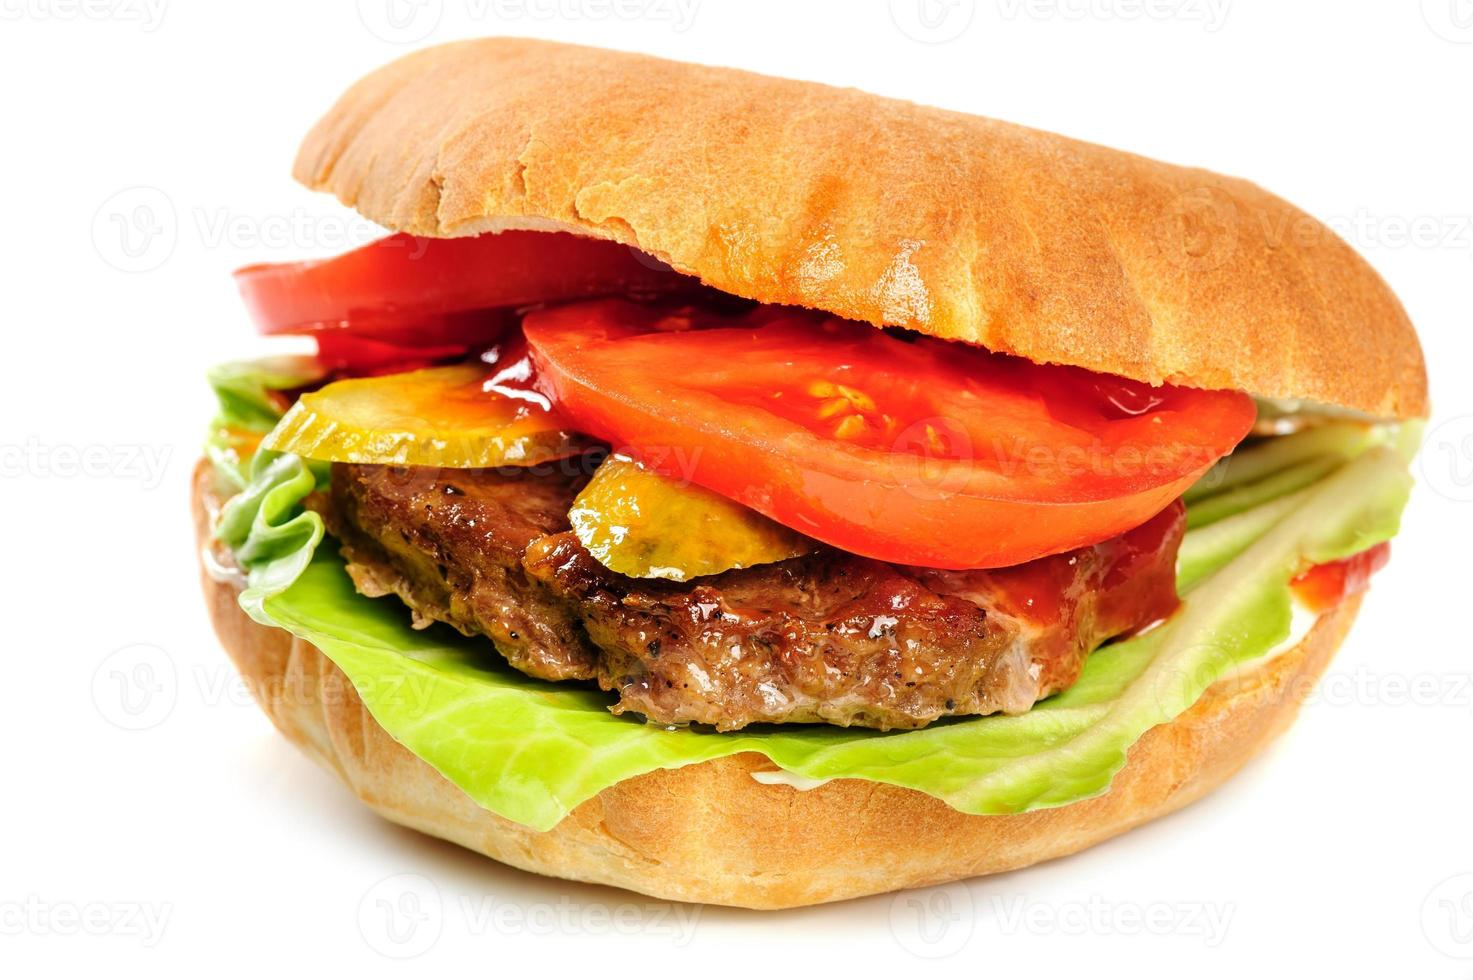 realistic looking hamburger photo